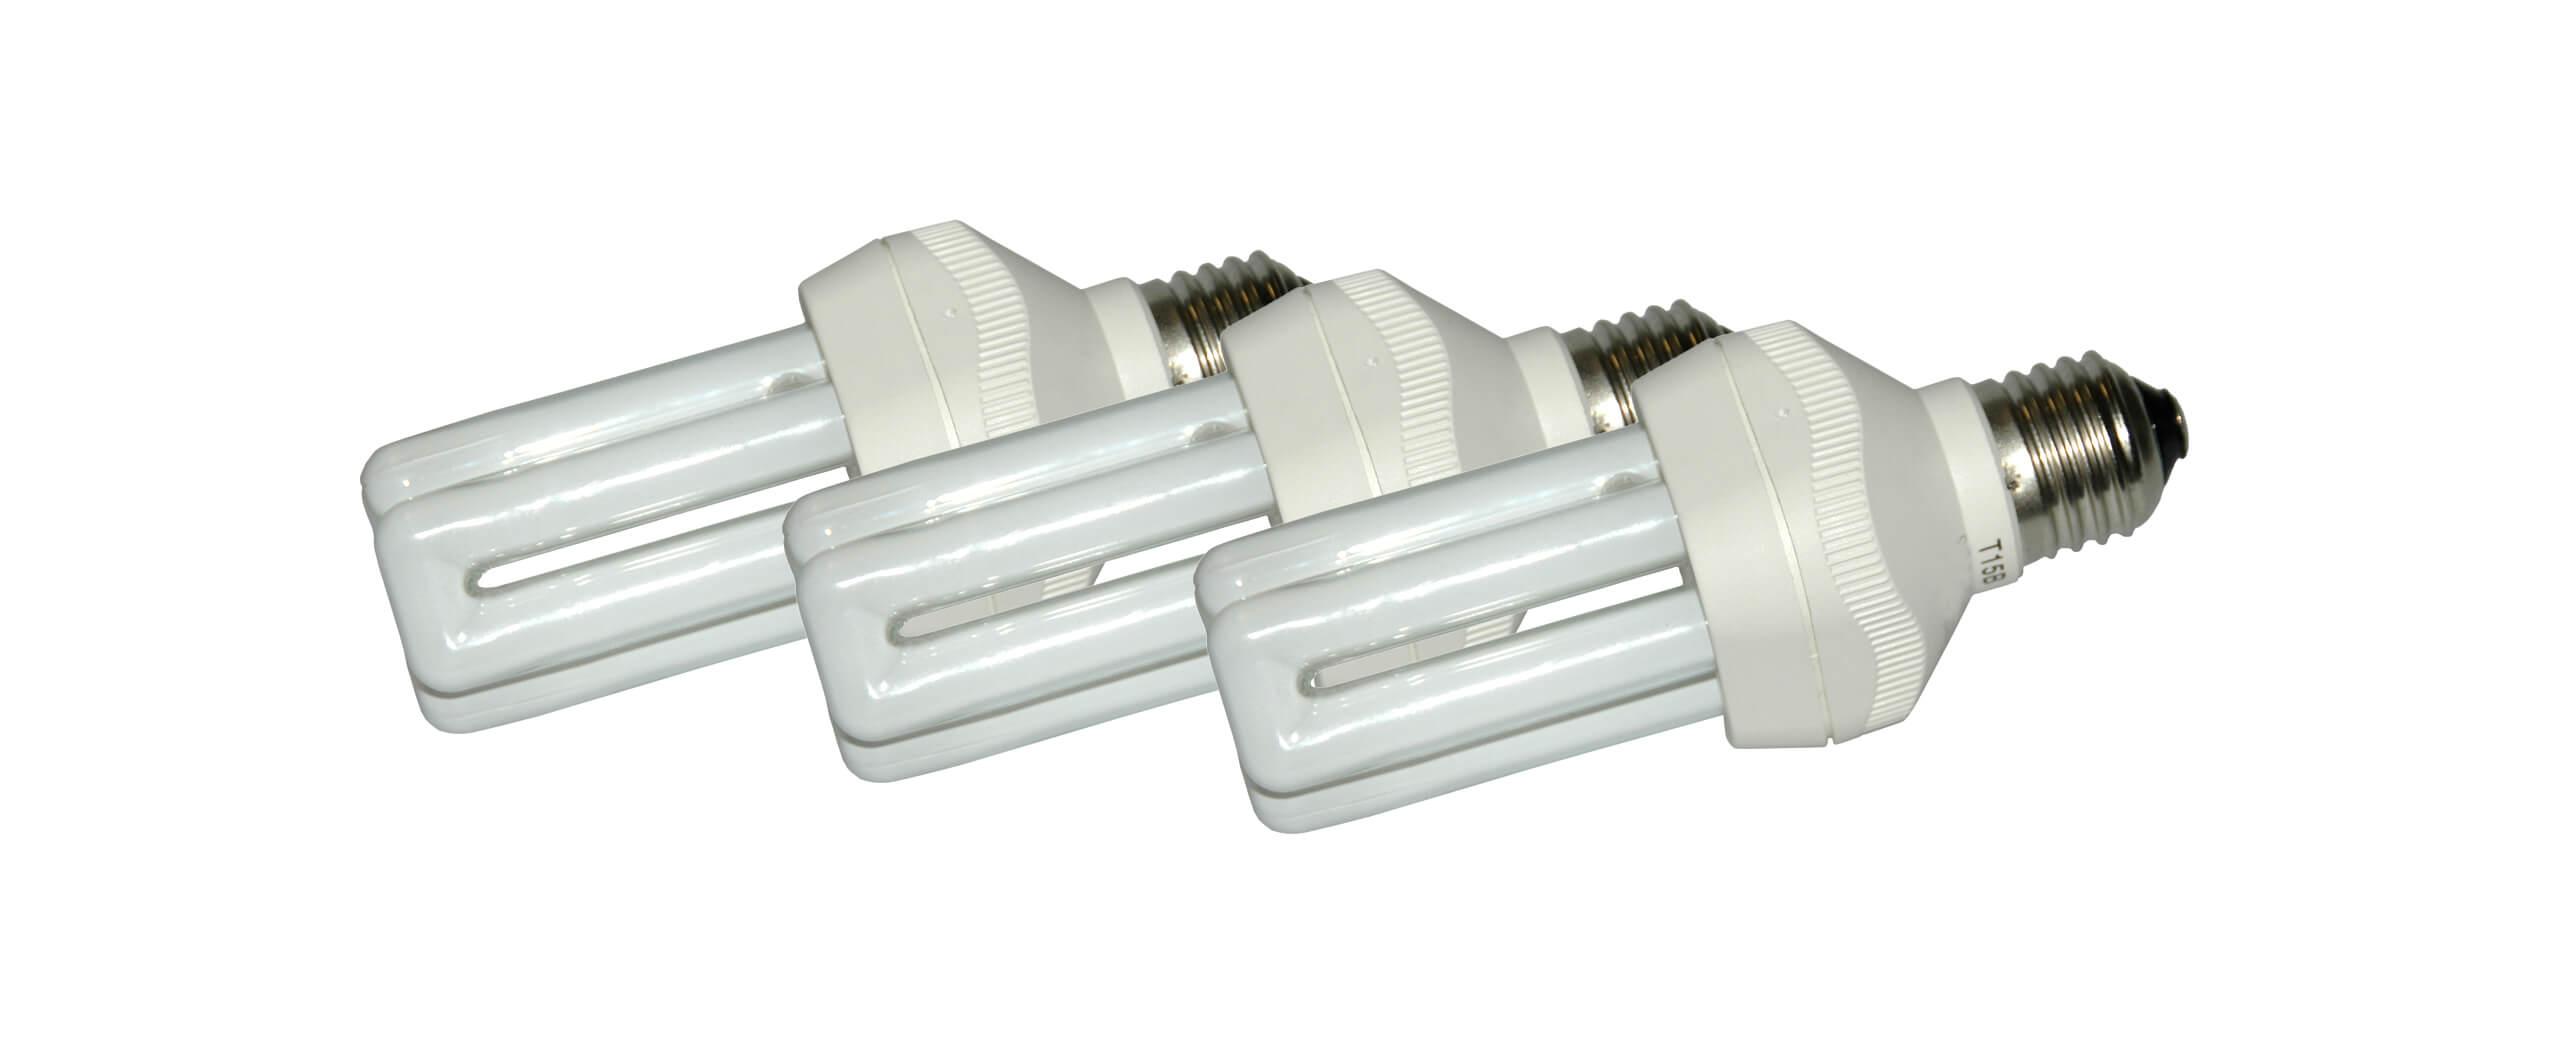 Kompaktlampen